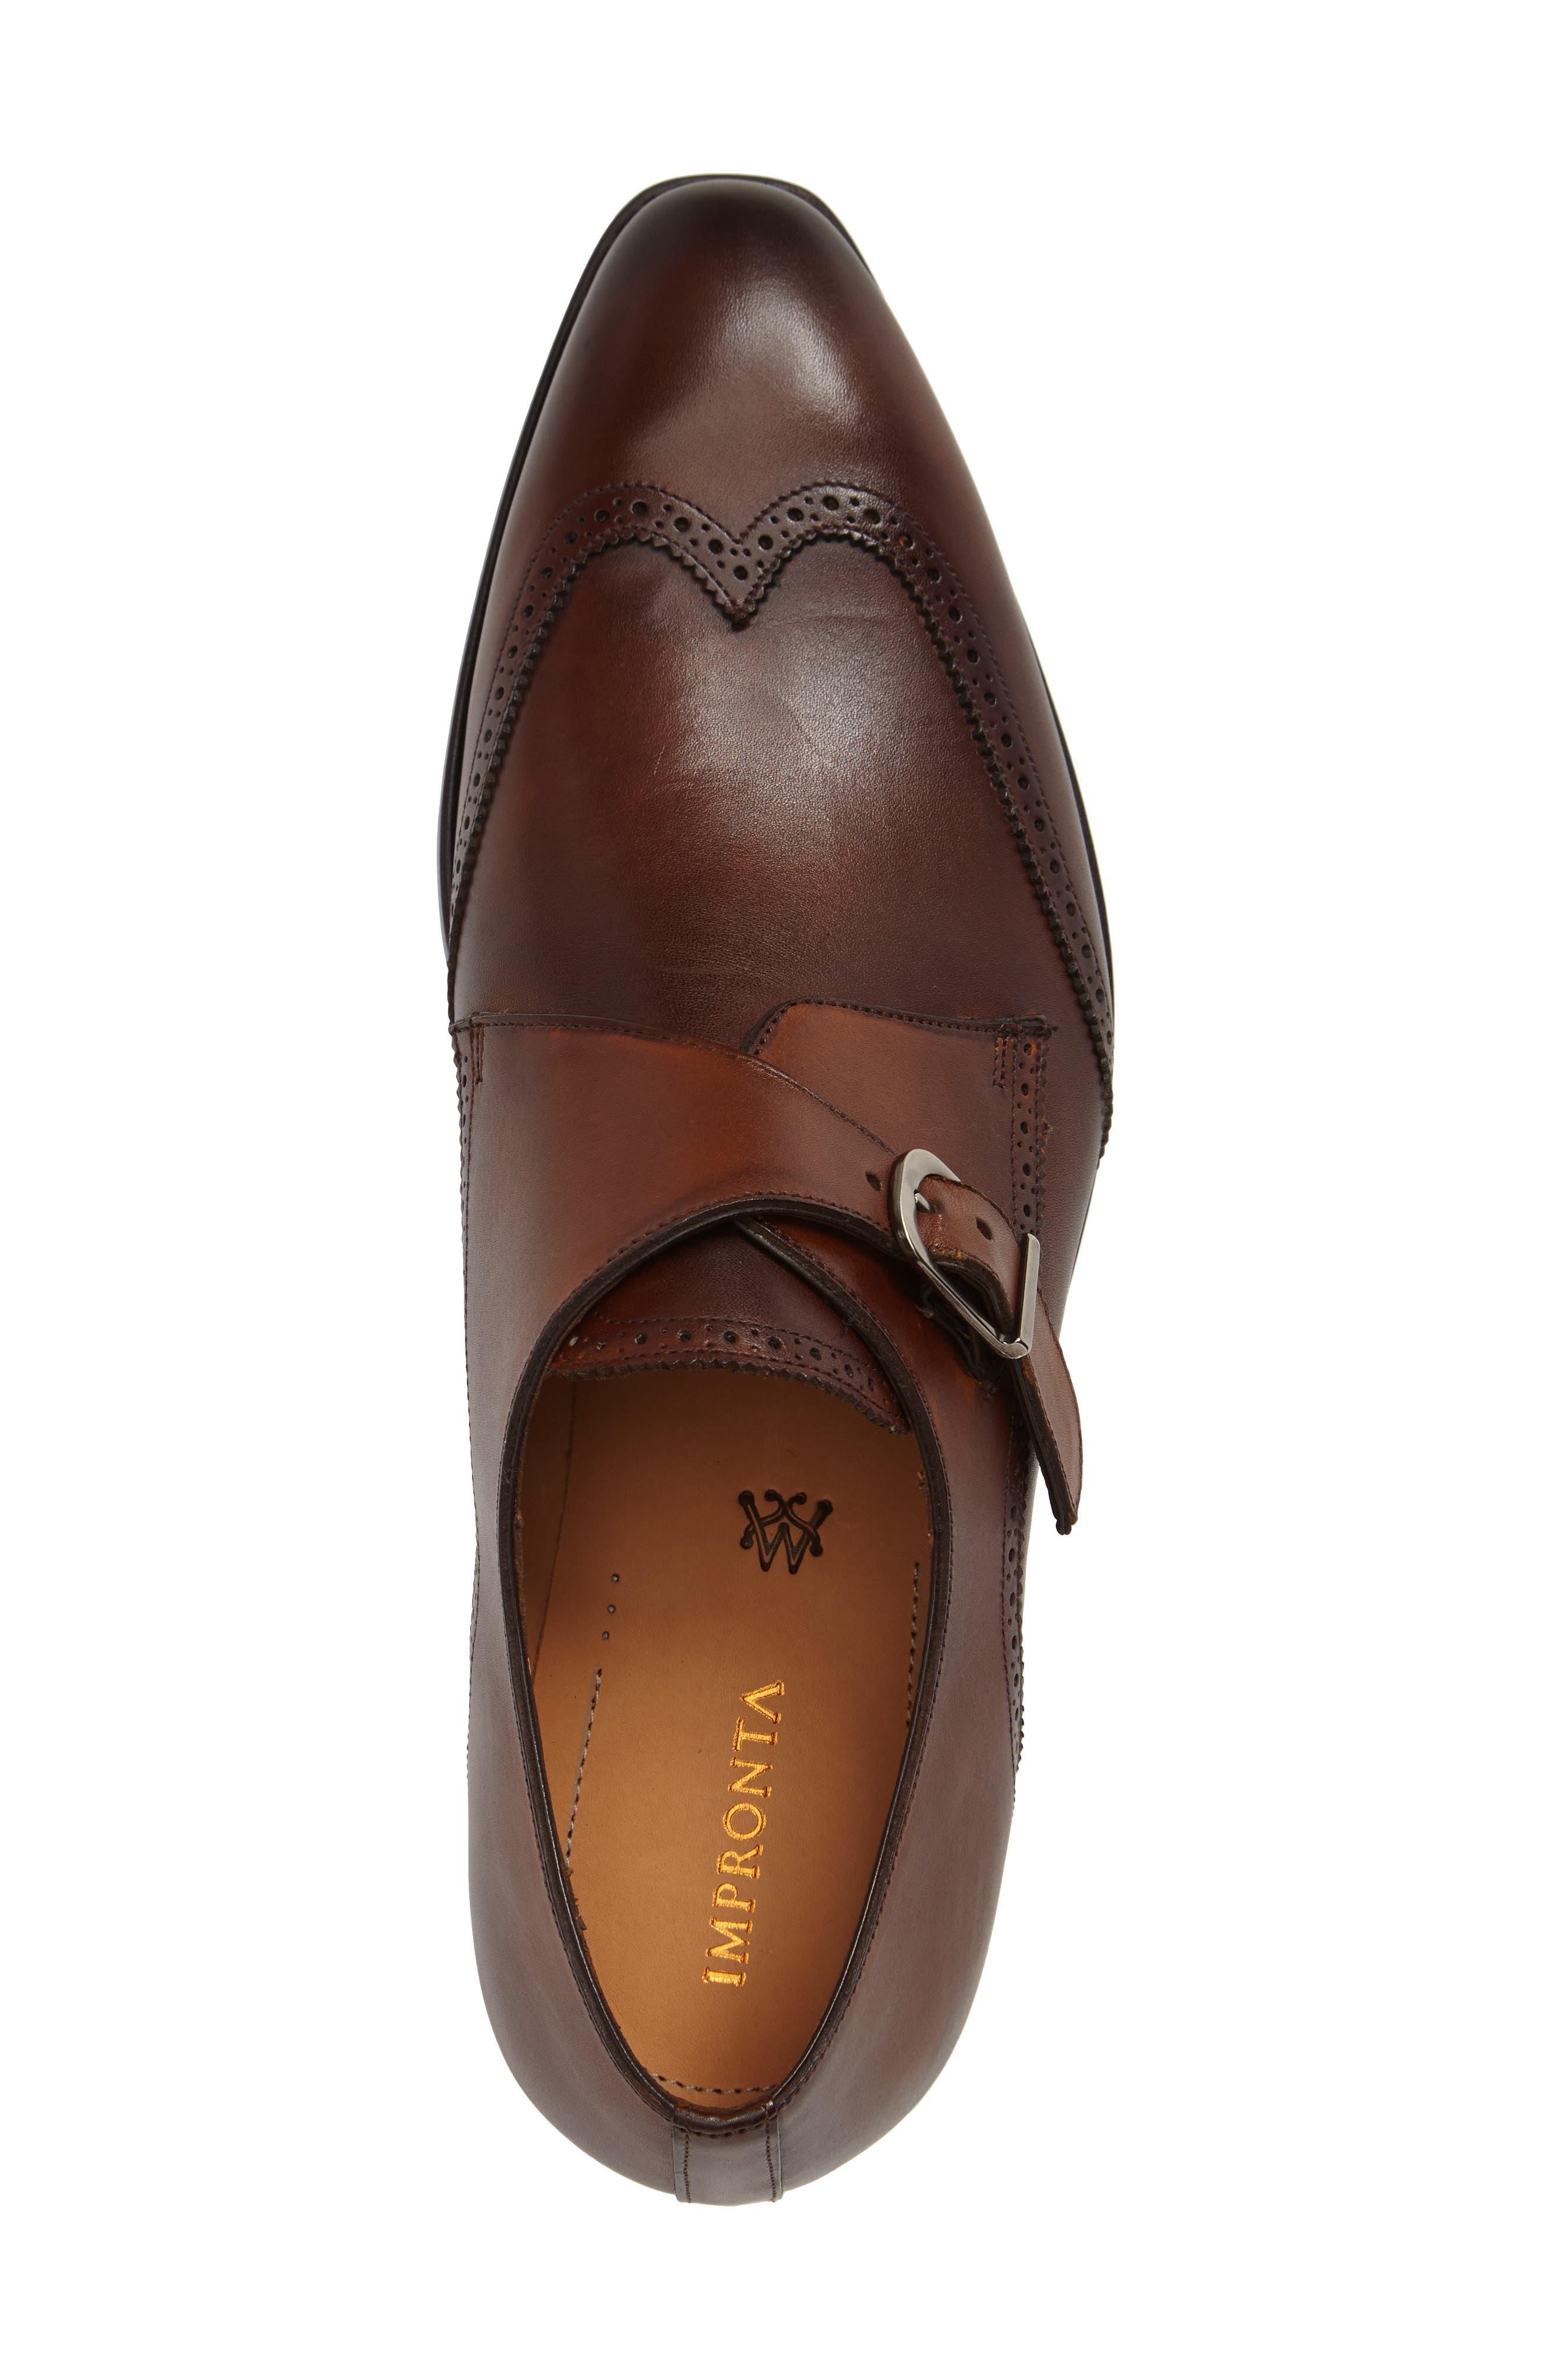 Alternate Image 3  - Impronta by Mezlan G121 Wingtip Monk Strap Shoe (Men)